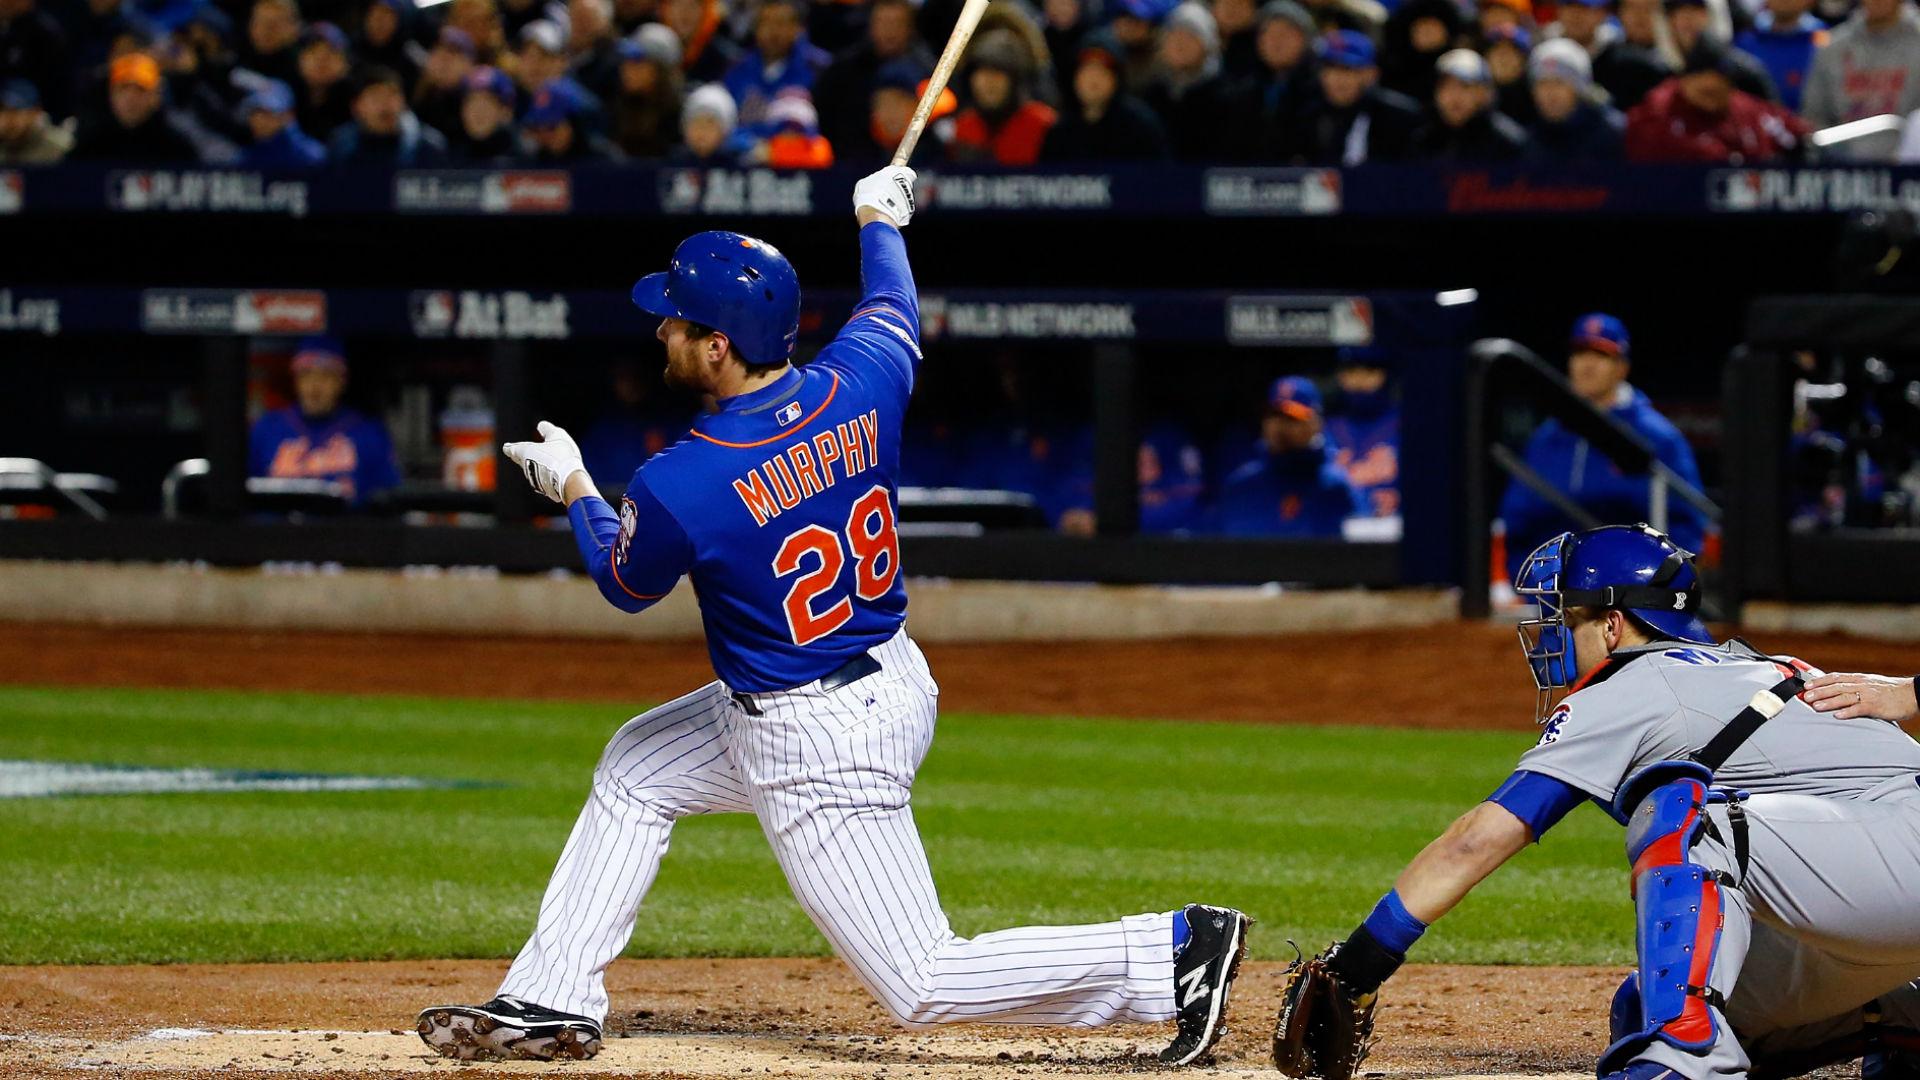 Despite October homers Mets Daniel Murphy is long gone after